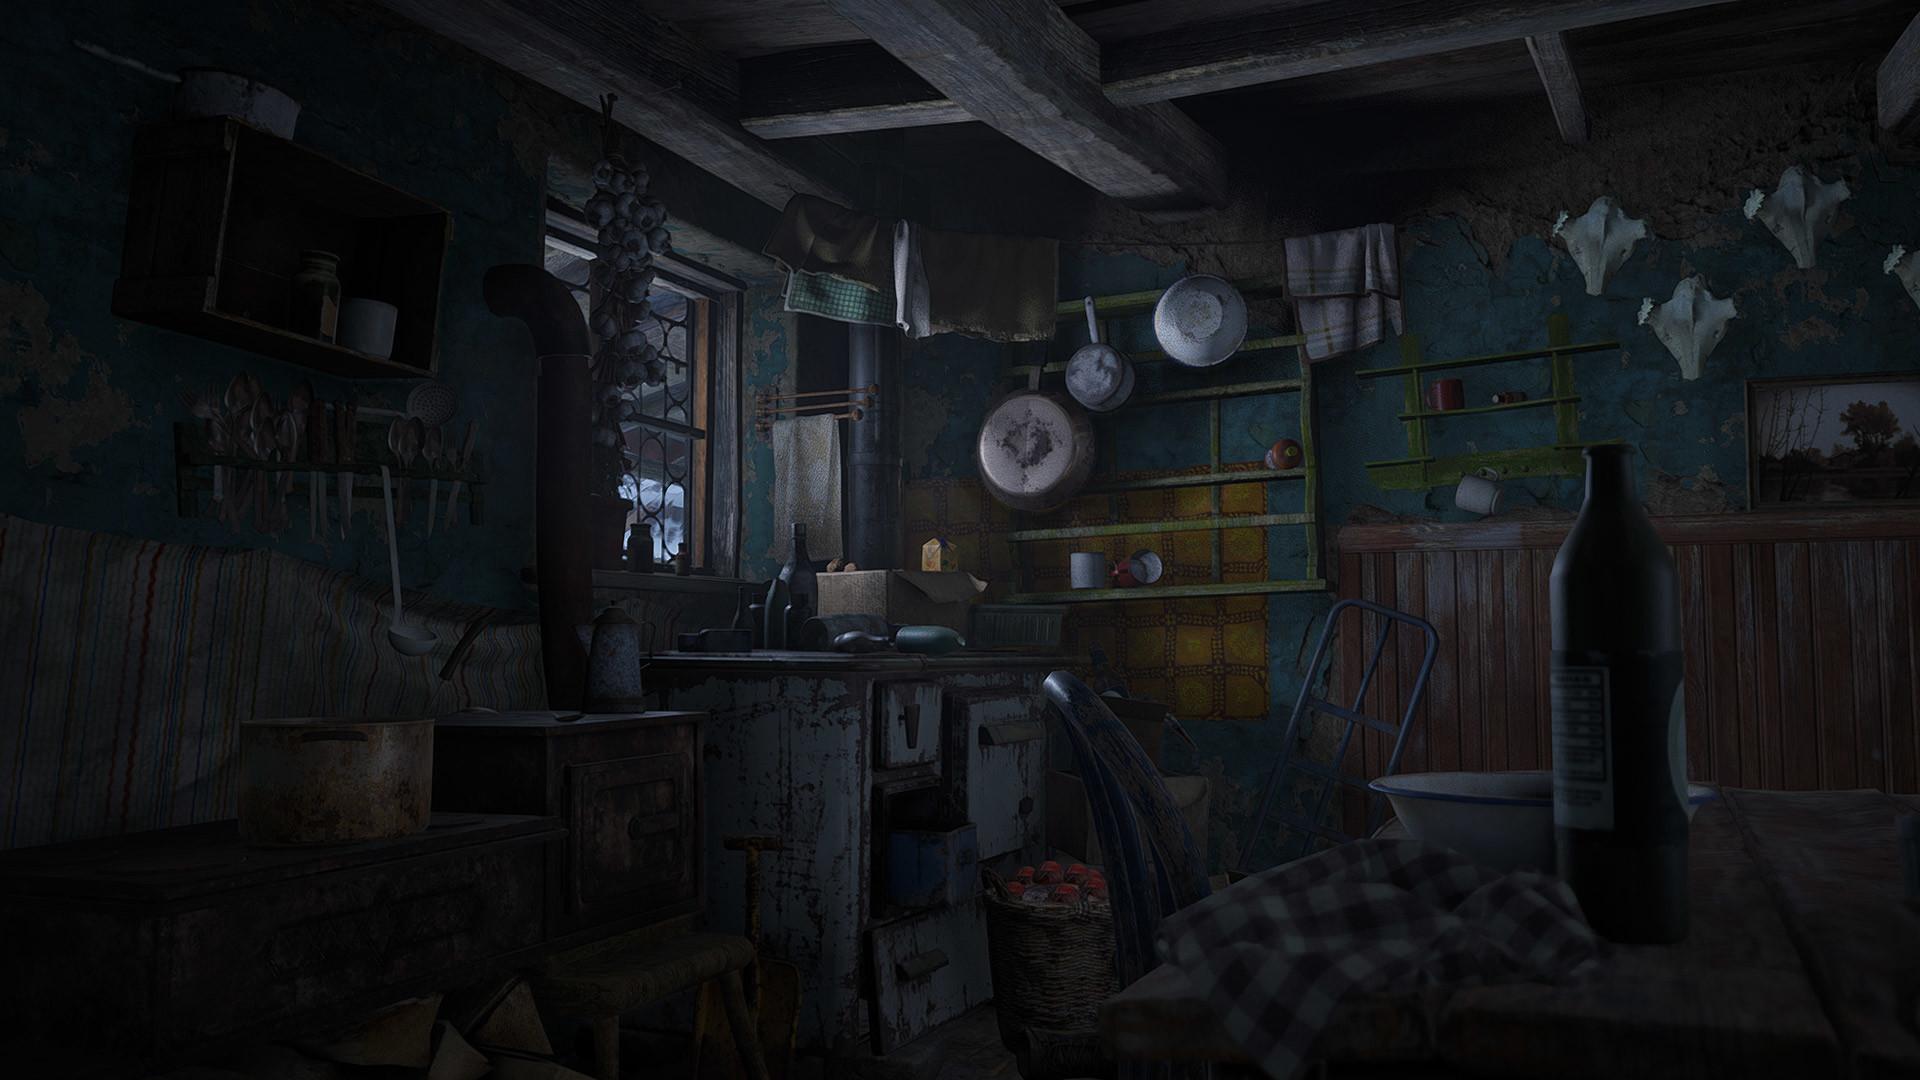 سی دی کی اریجینال استیم بازی Resident Evil Village